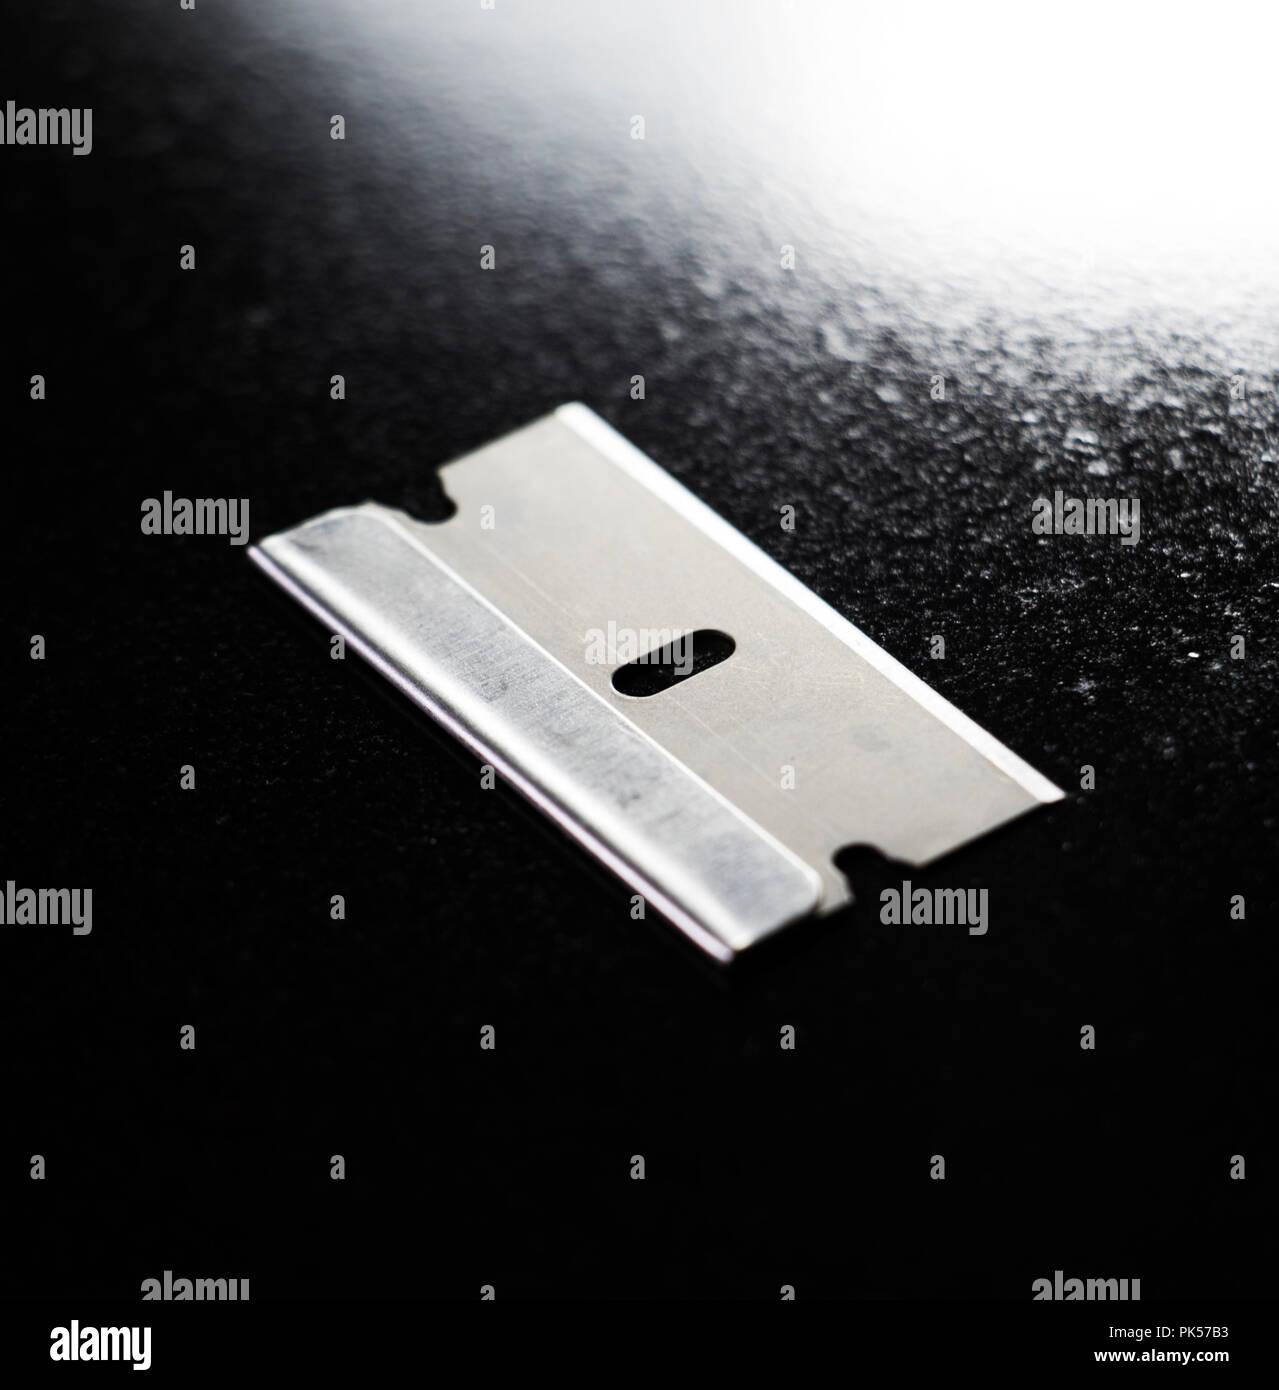 Razor blade isolated on black shinny background. - Stock Image